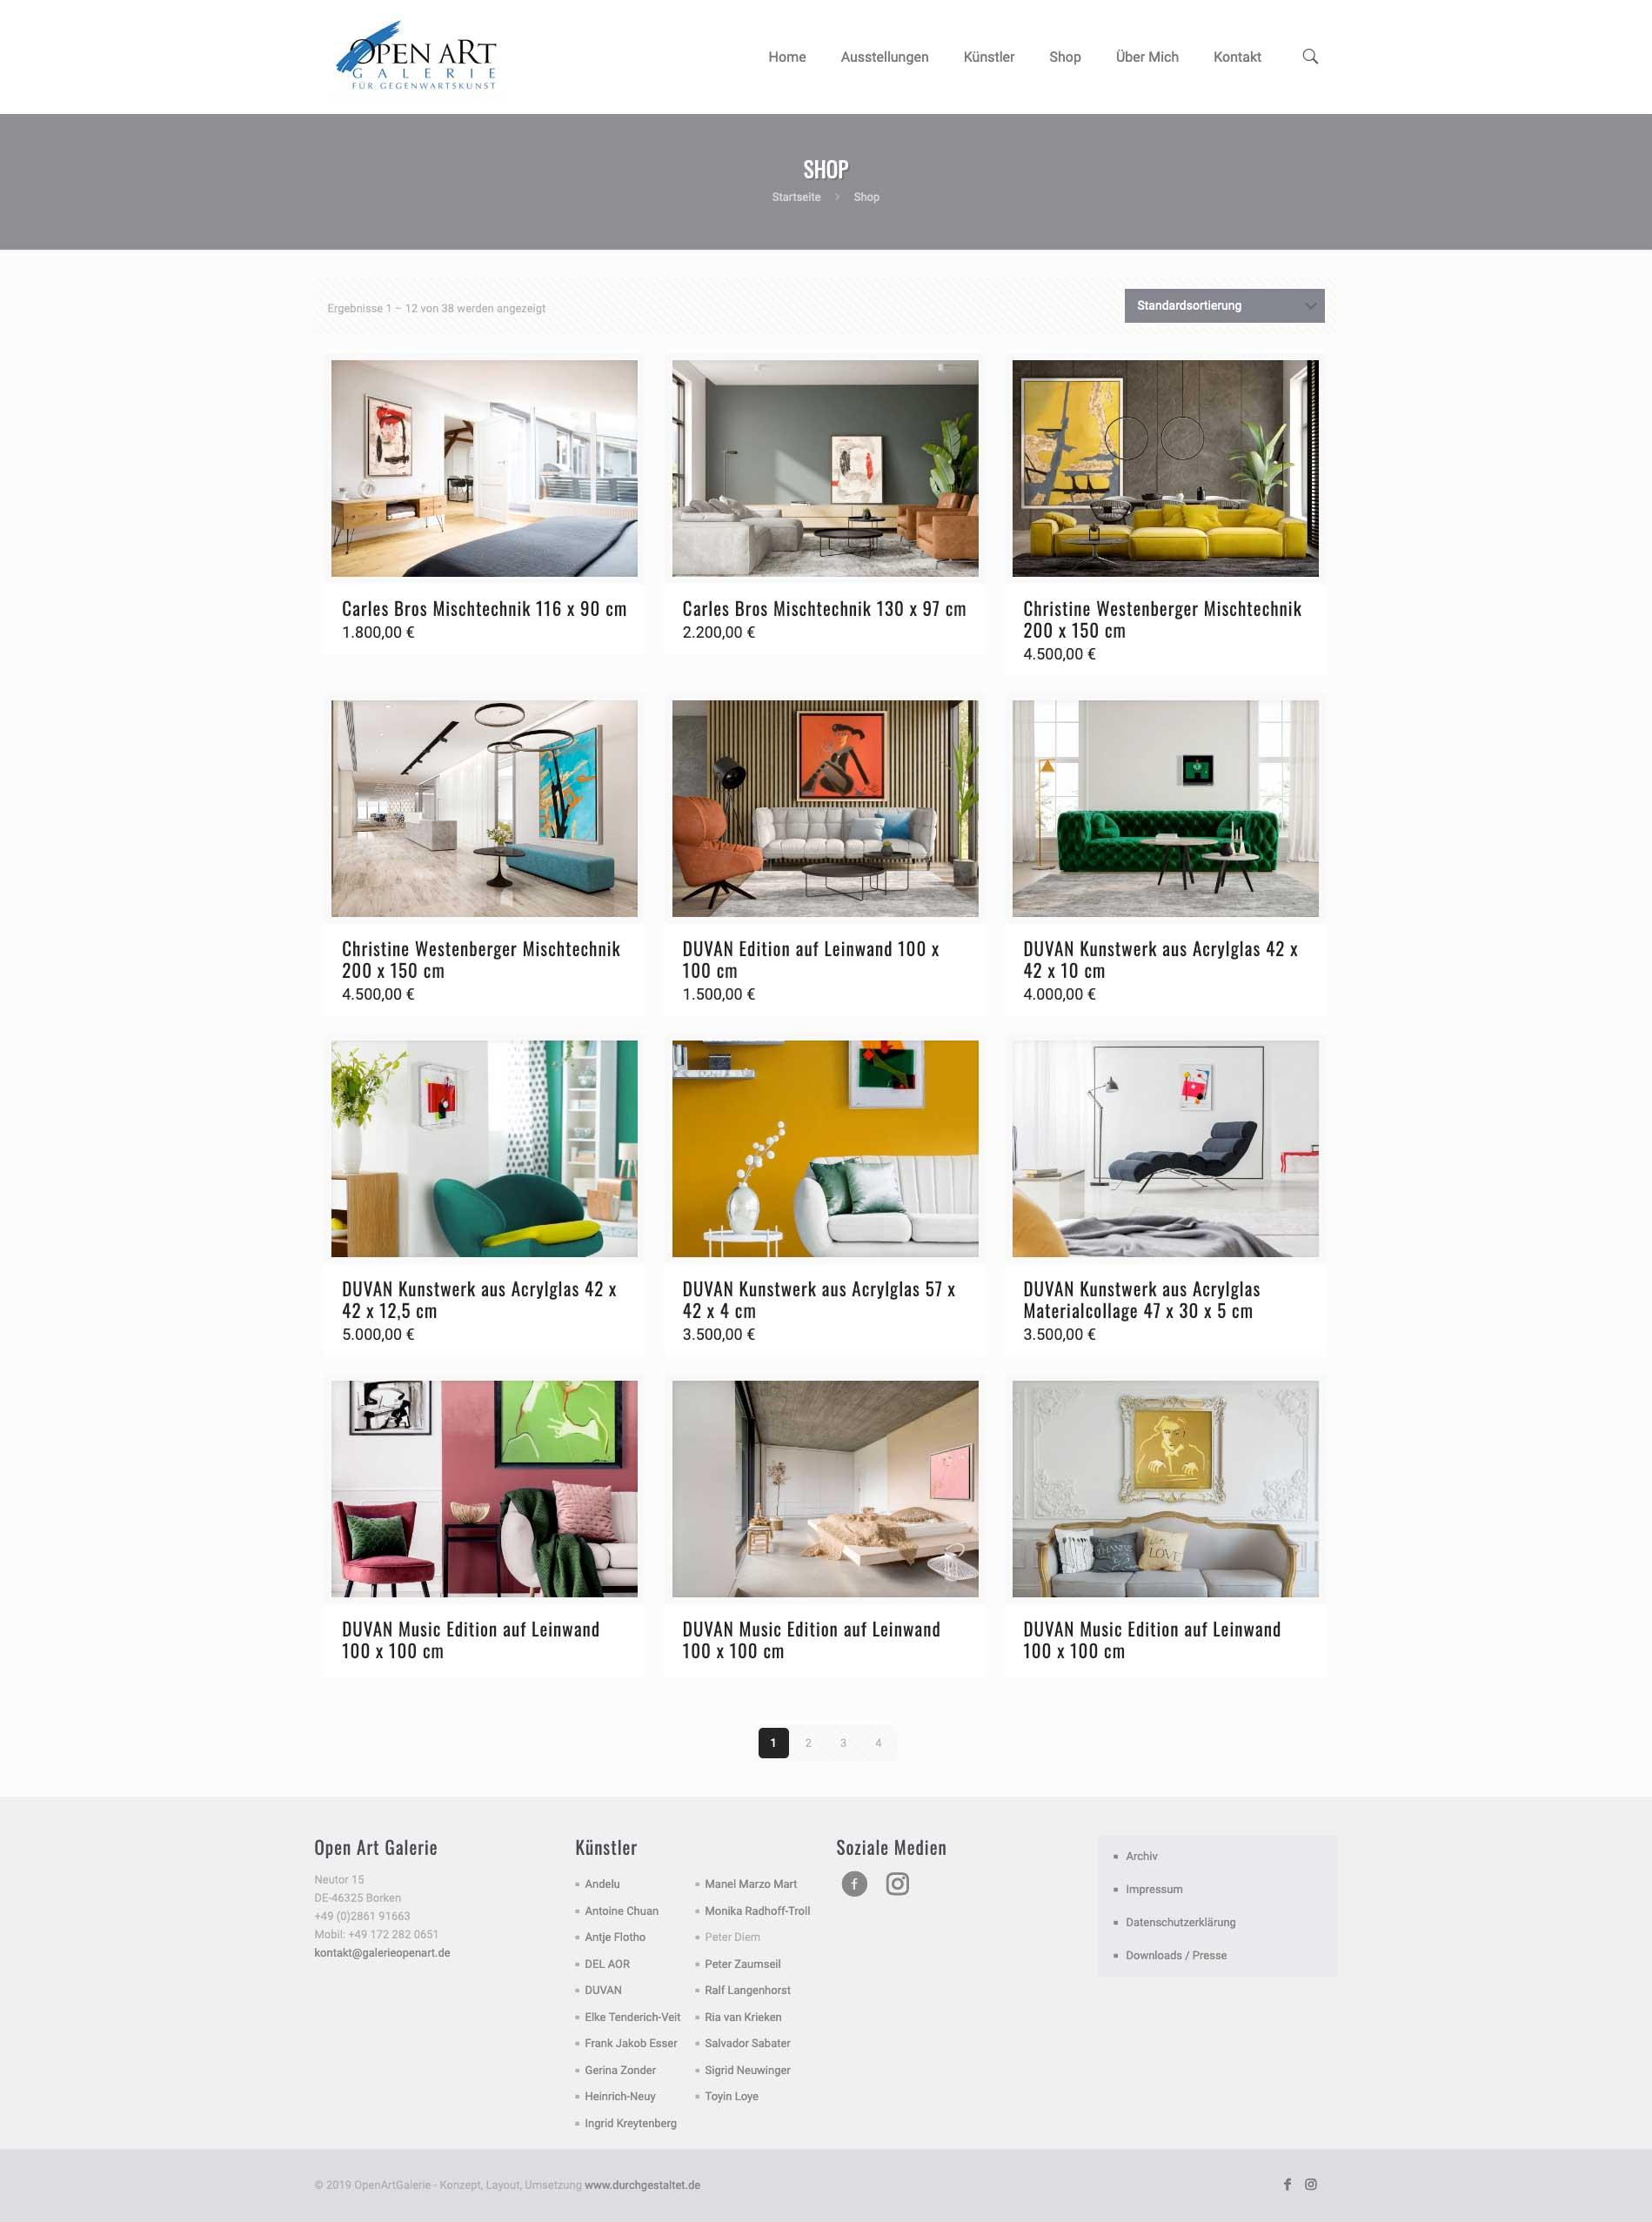 Webshop-Design von durchgestaltet® - Webshop-Konzept und Design